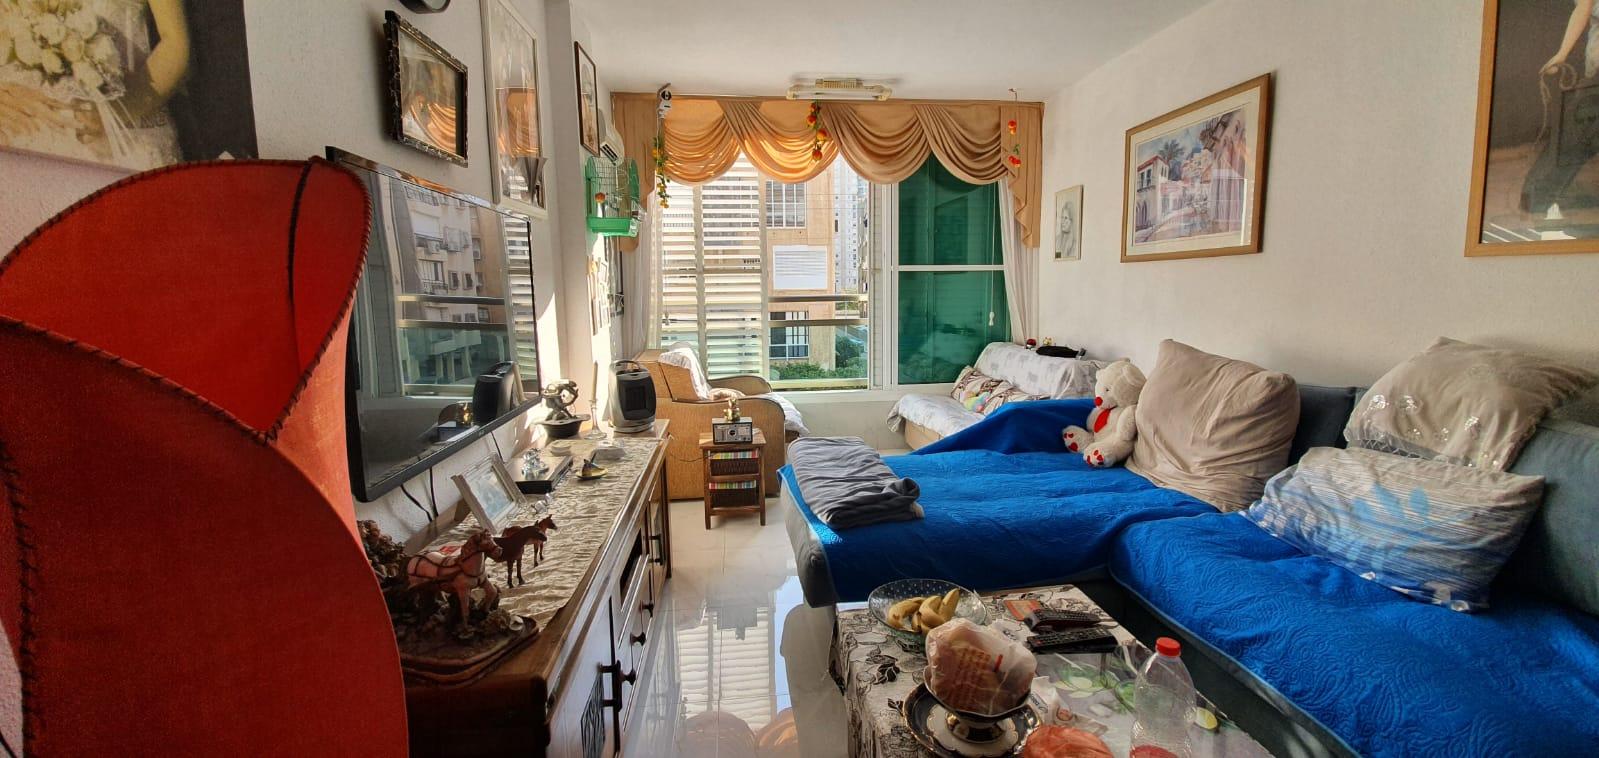 בת ים דירה למכירה 2.5 חדרים 1,550,000₪, בת ים